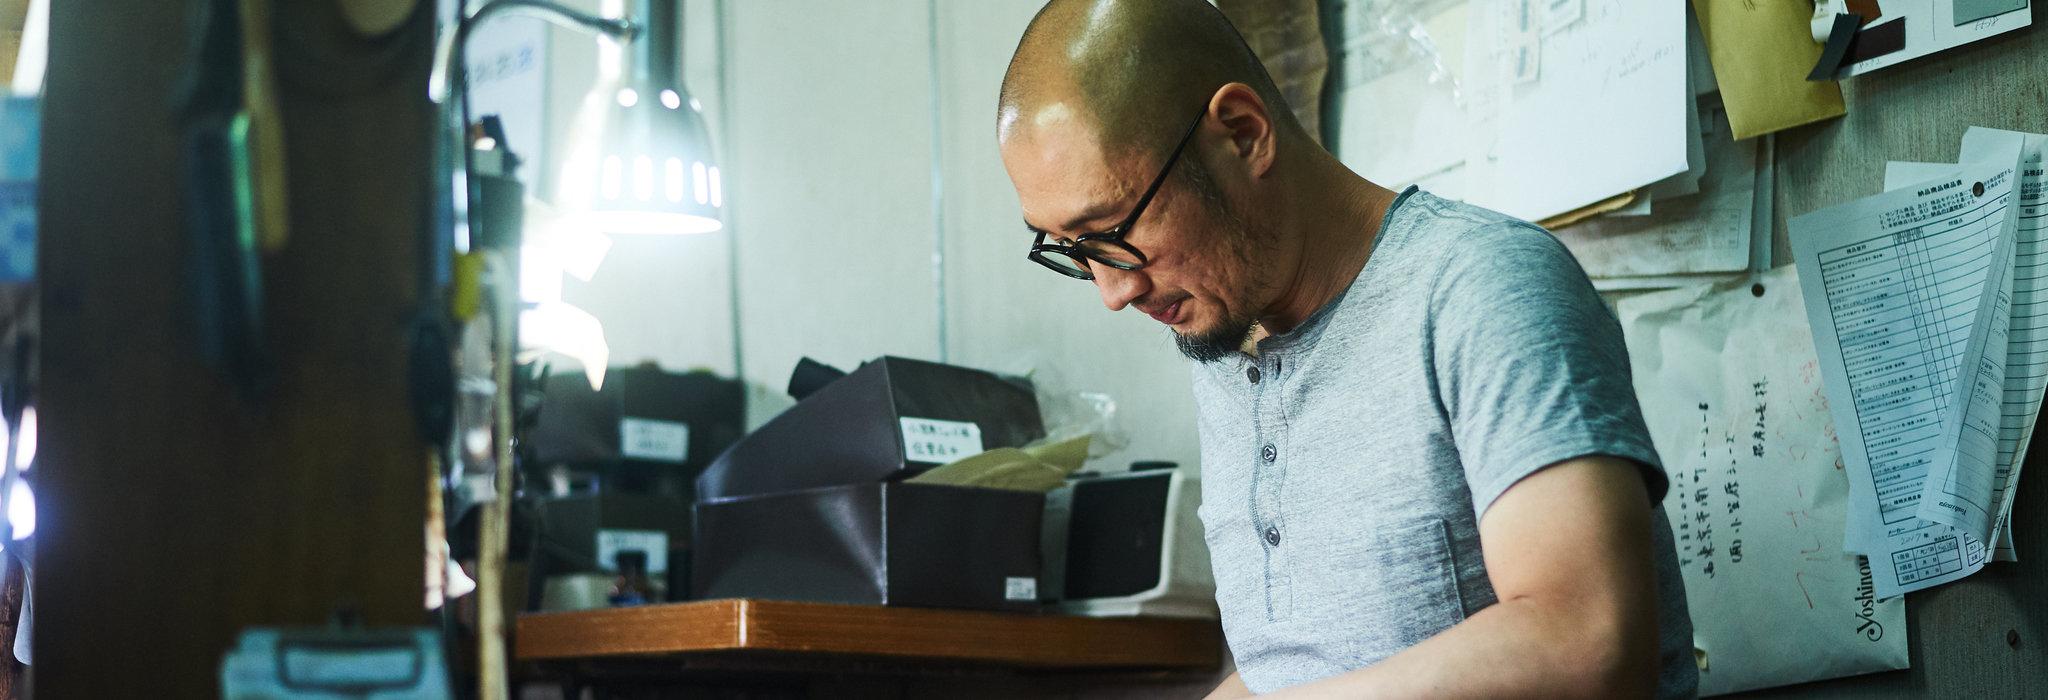 日本の手製靴の技術を継承する「小笠原シューズ」。時代に媚びない靴作りを貫く_image